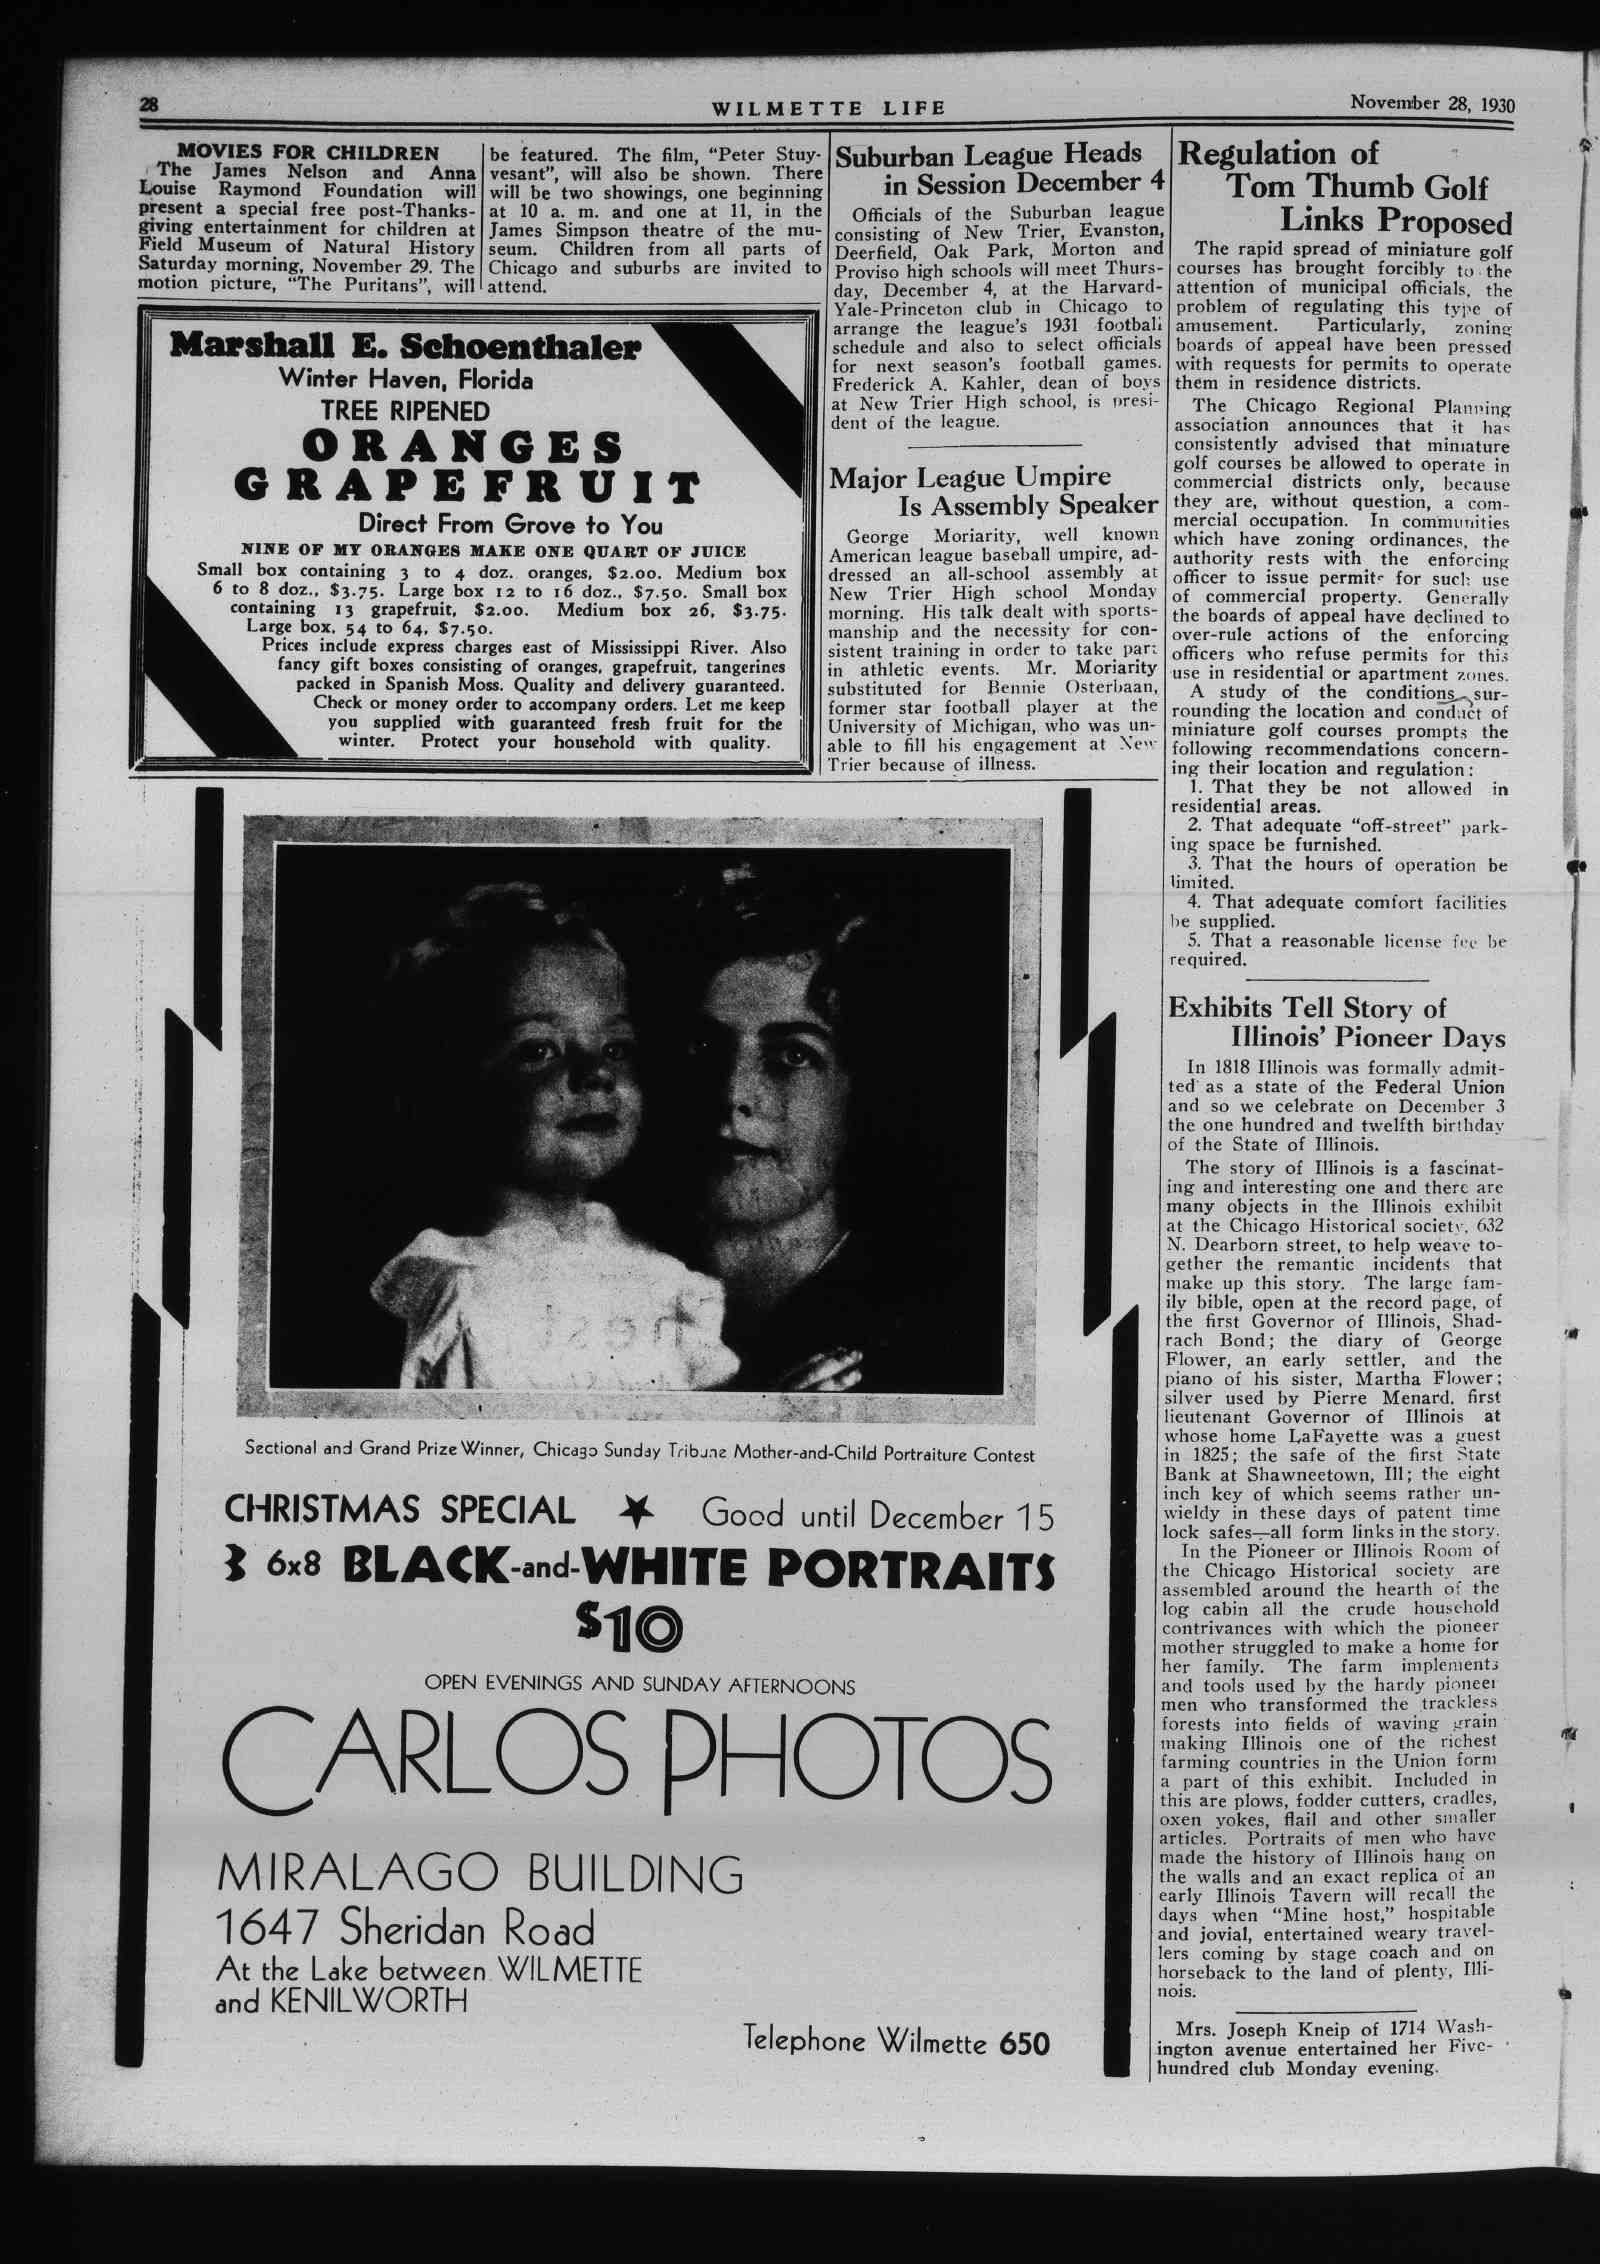 Wilmette Life (Wilmette, Illinois), 28 Nov 1930